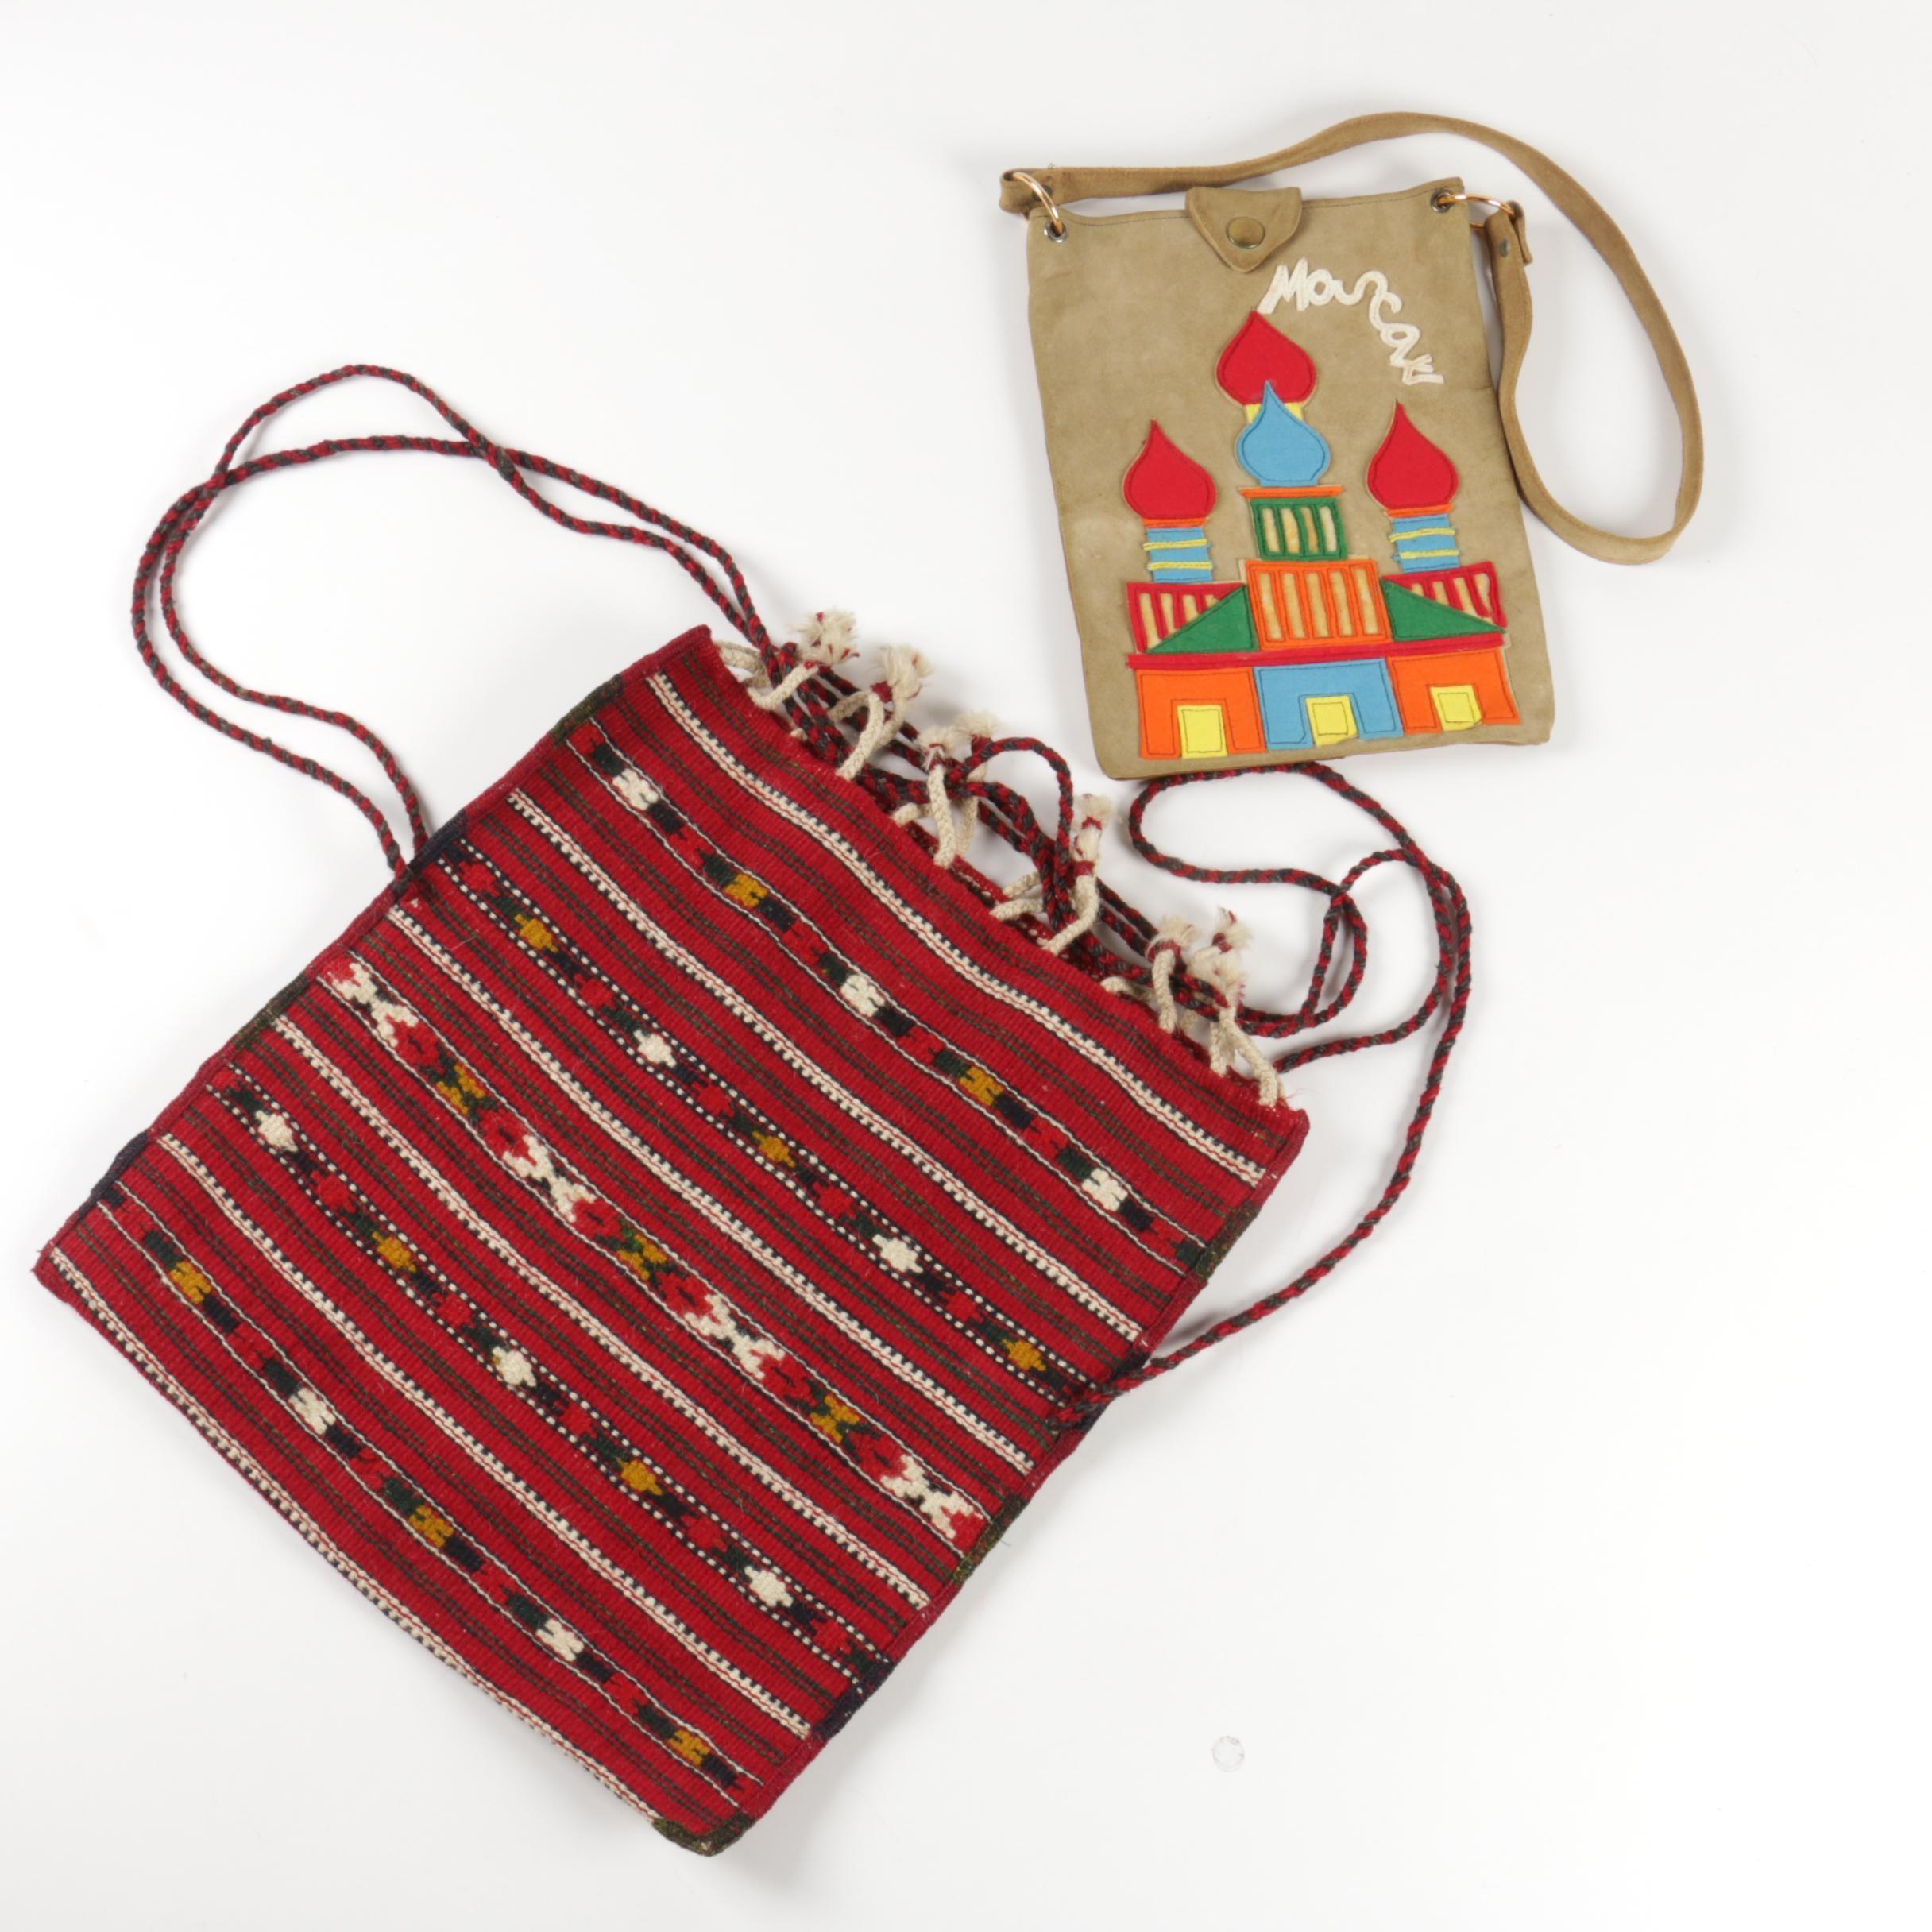 Vintage Handbag and Woven Knapsack